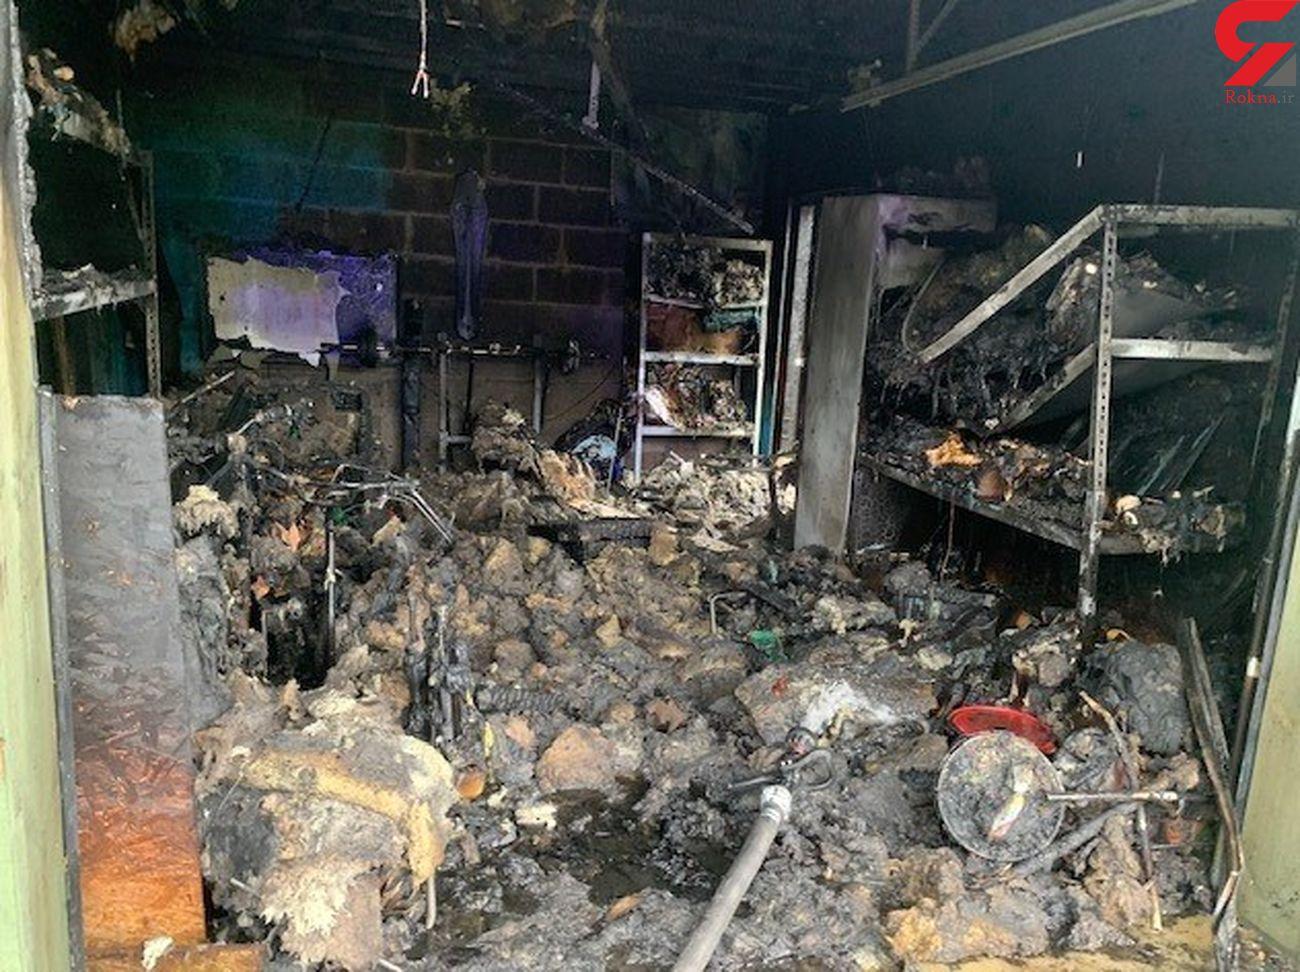 گلریزان برای بازسازی خانه بازیکن پیشین تیم ملی بسکتبال / خانه او در آتش سوخت + عکس